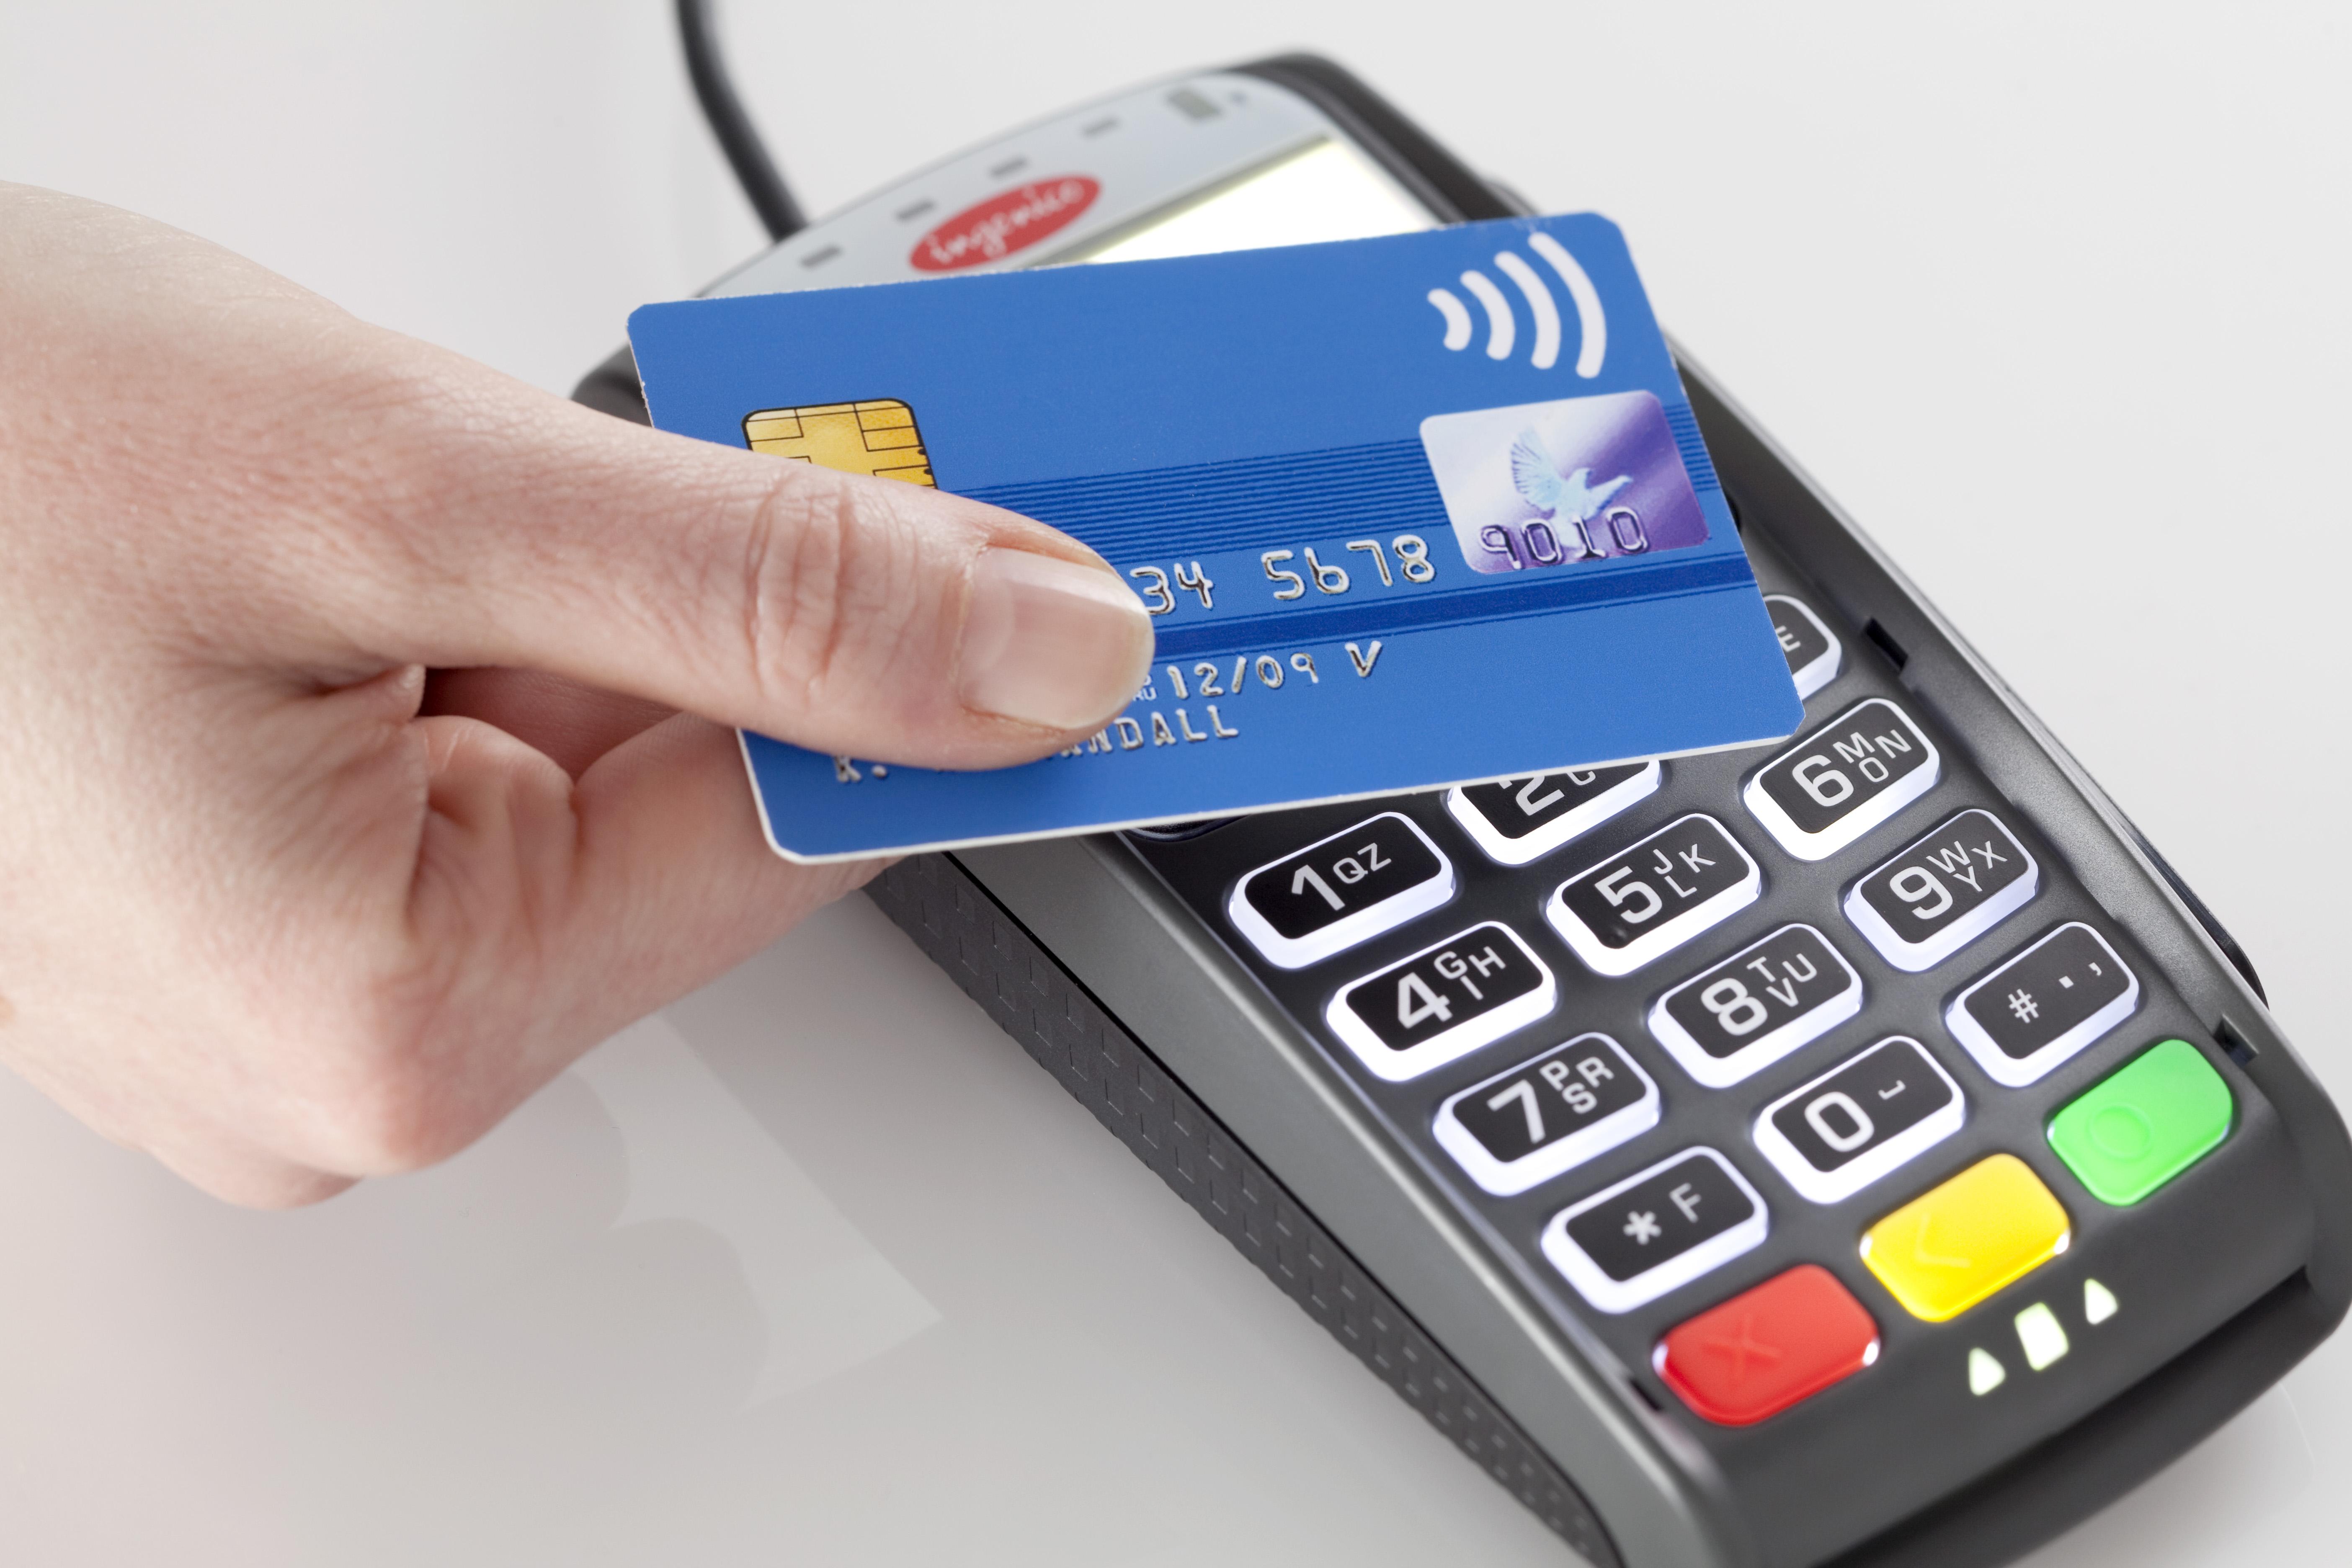 Изображение - Как оплачивать картой в магазине покупки iPP320_CTL_Card